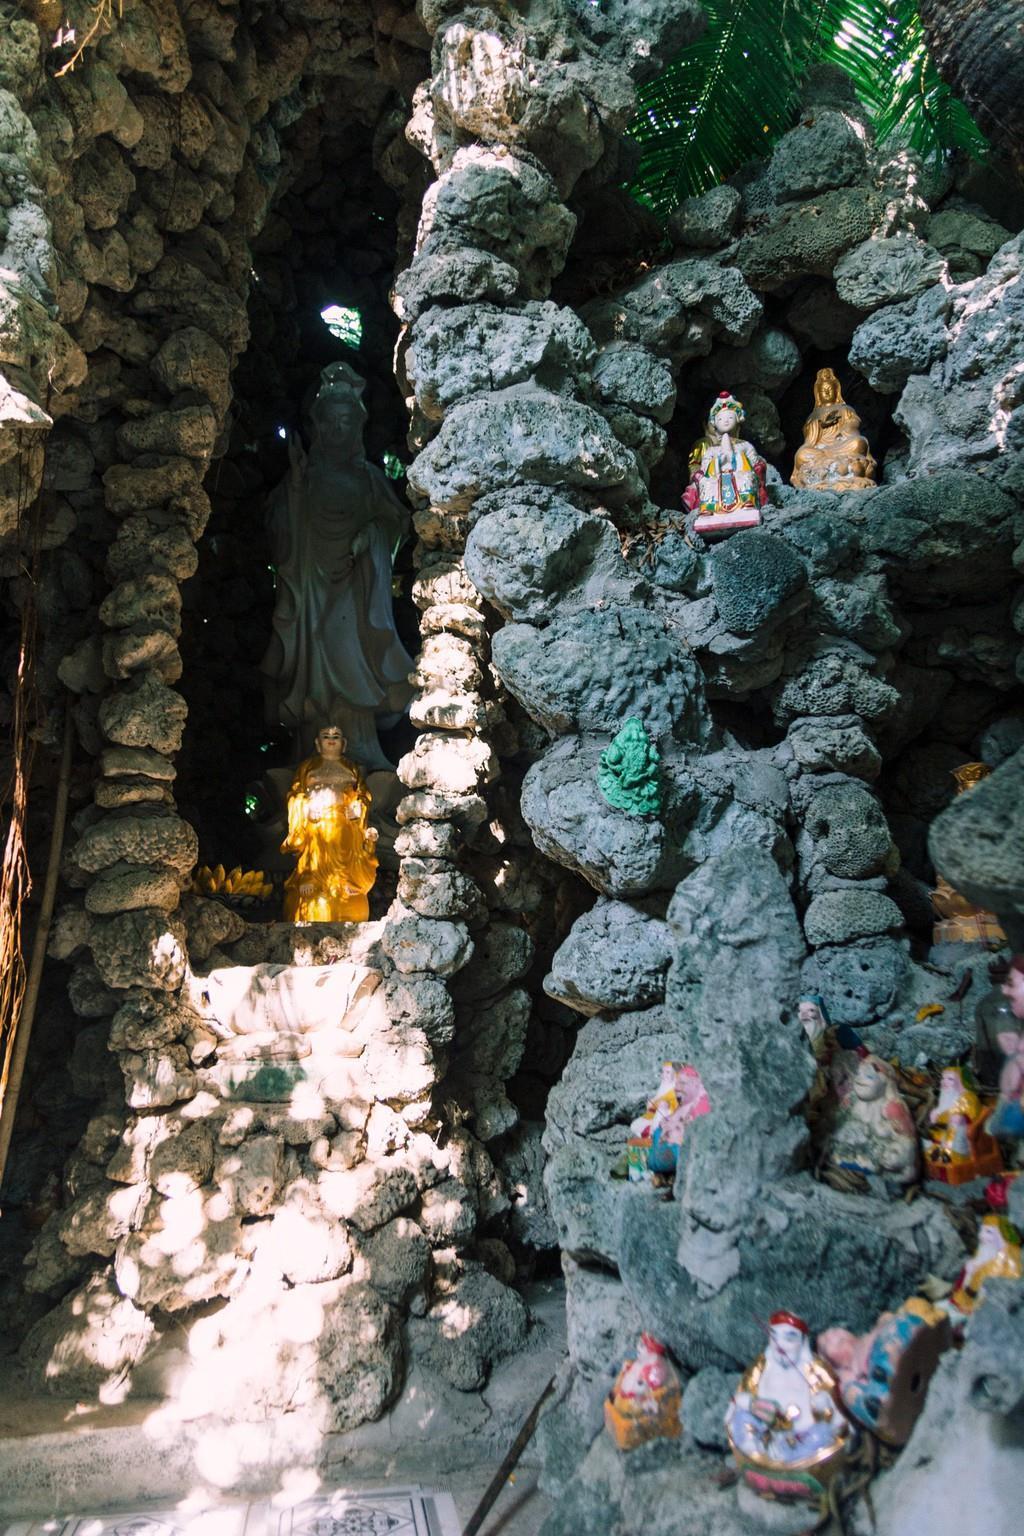 Ngôi chùa vỏ ốc ở Cam Ranh đẹp khác lạ trên báo nước ngoài Ảnh 2